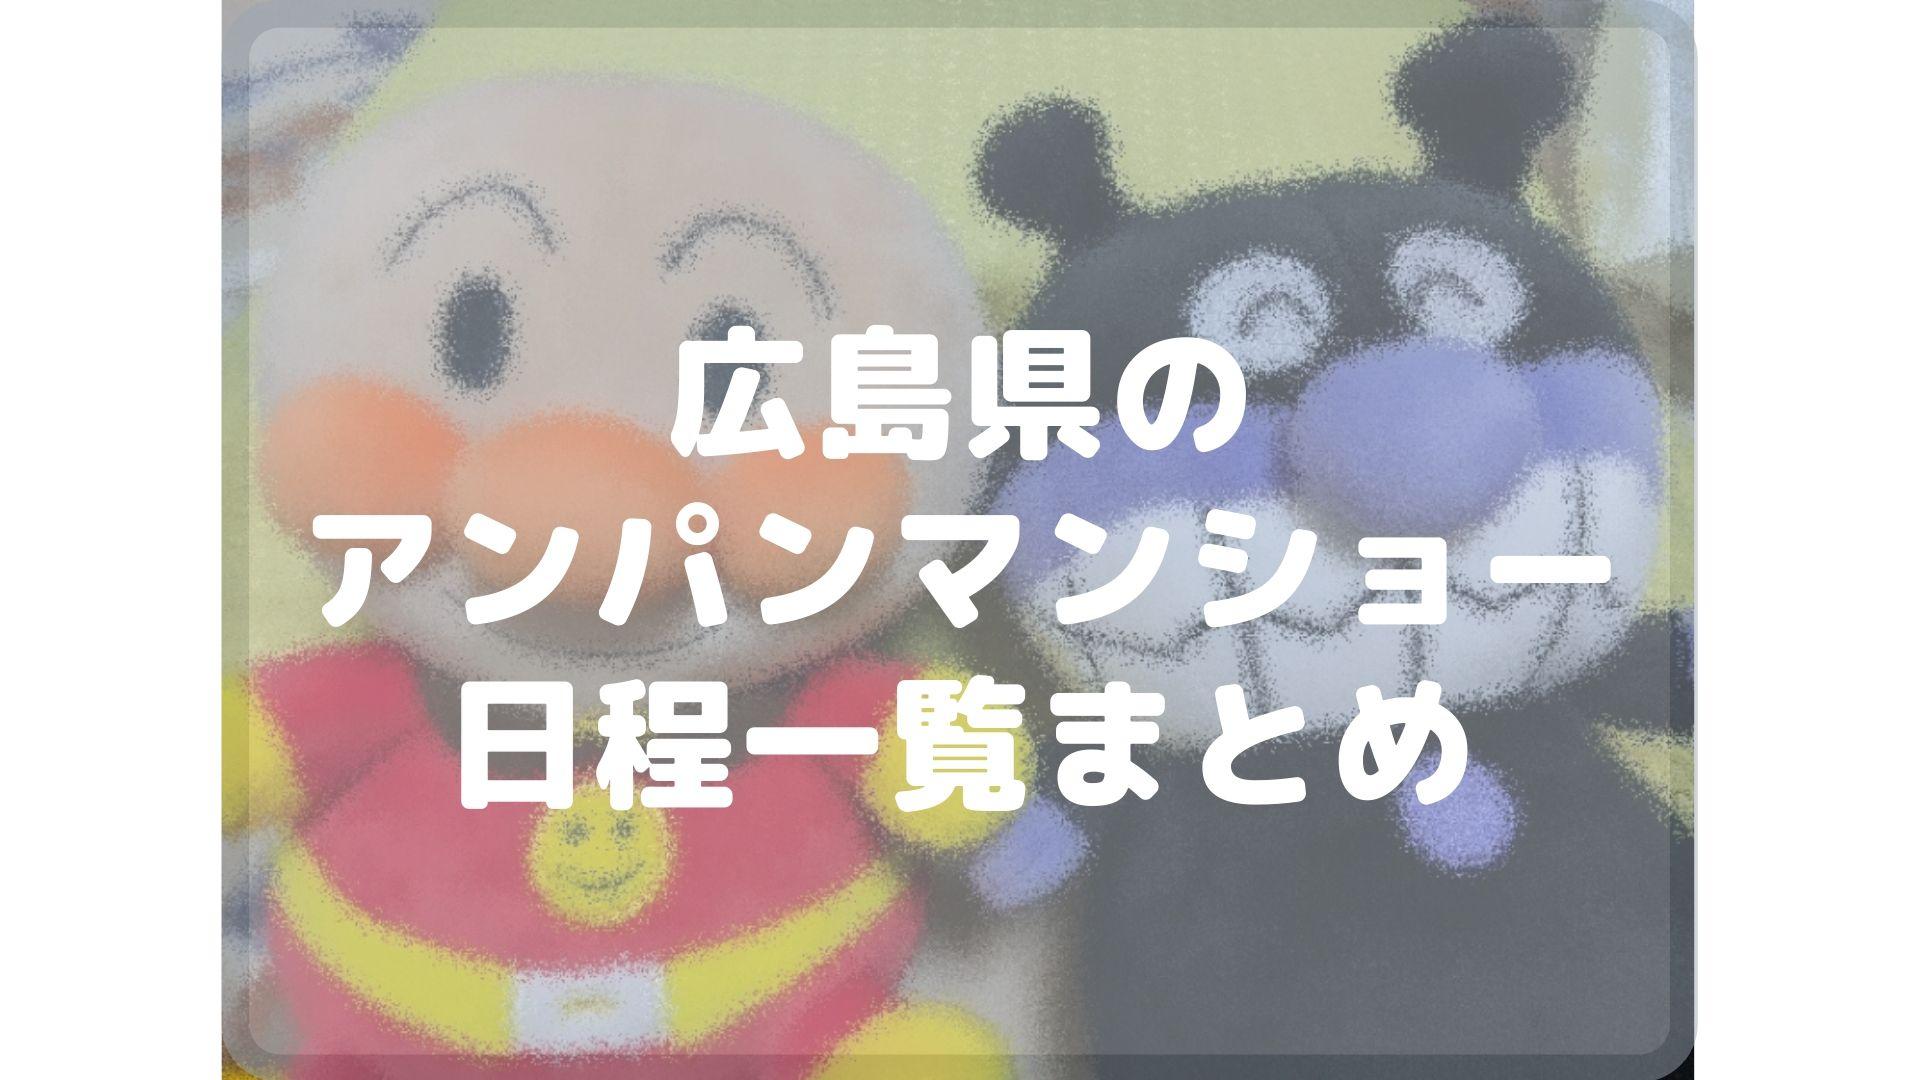 広島県のアンパンマンショーまとめタイトル画像